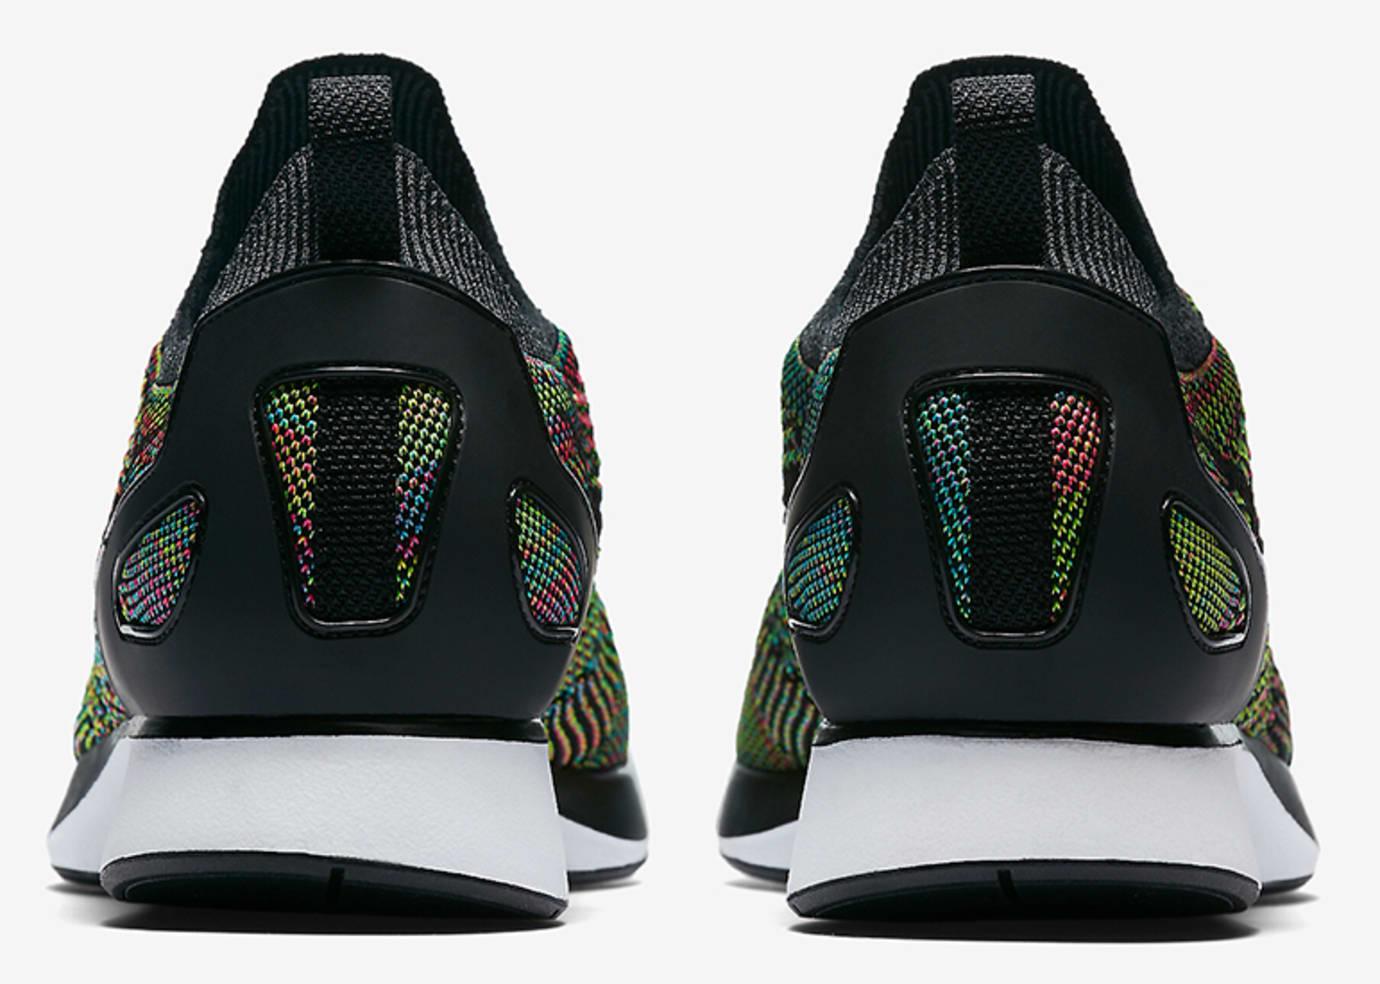 Nike Zoom Mariah Flyknit Racer 'Multi-Color' 917658-101 (Heel)